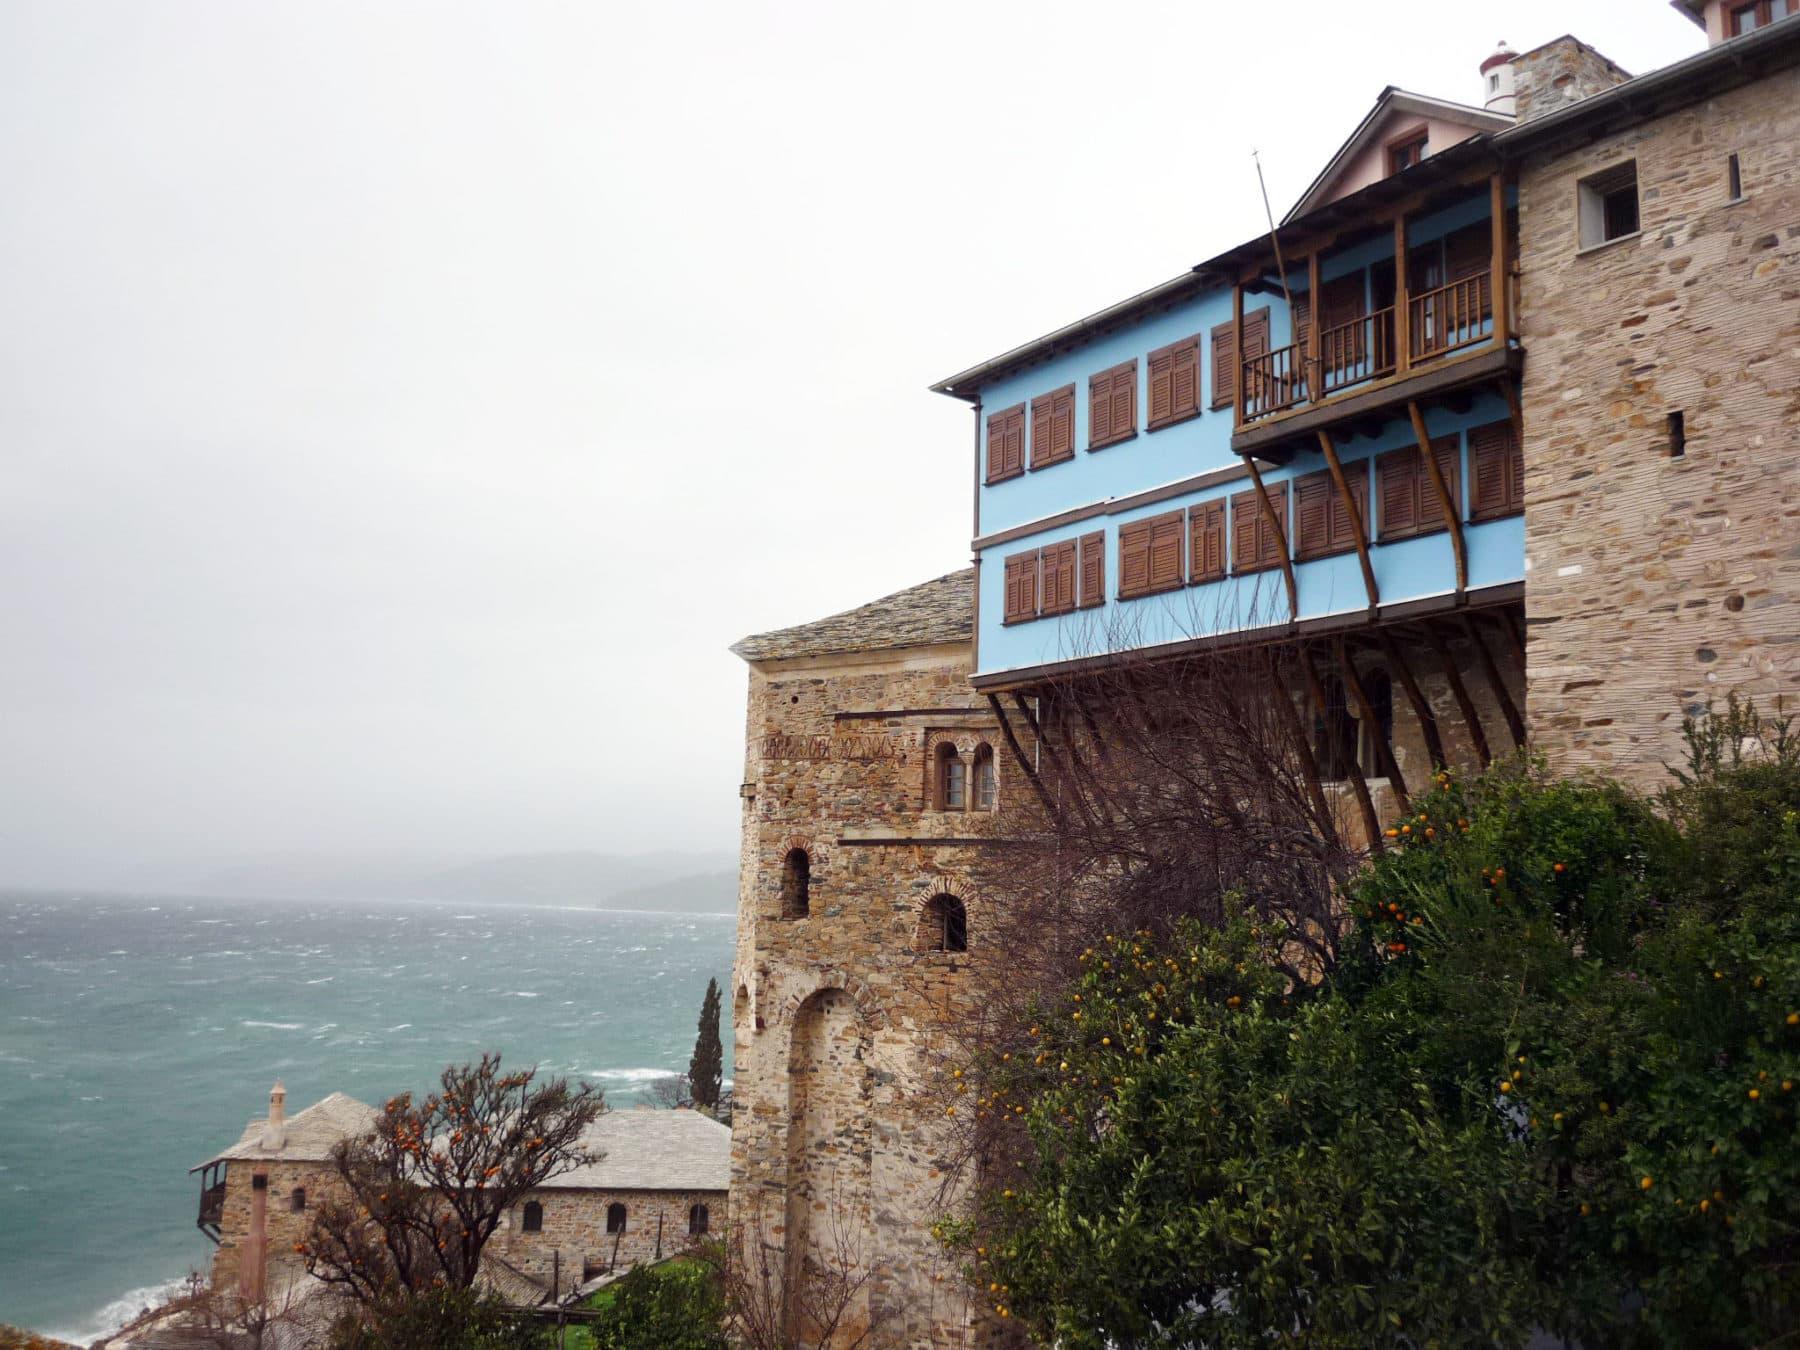 κτιρίου με ξύλινα παράθυρα μπροστά στη θάλασσα